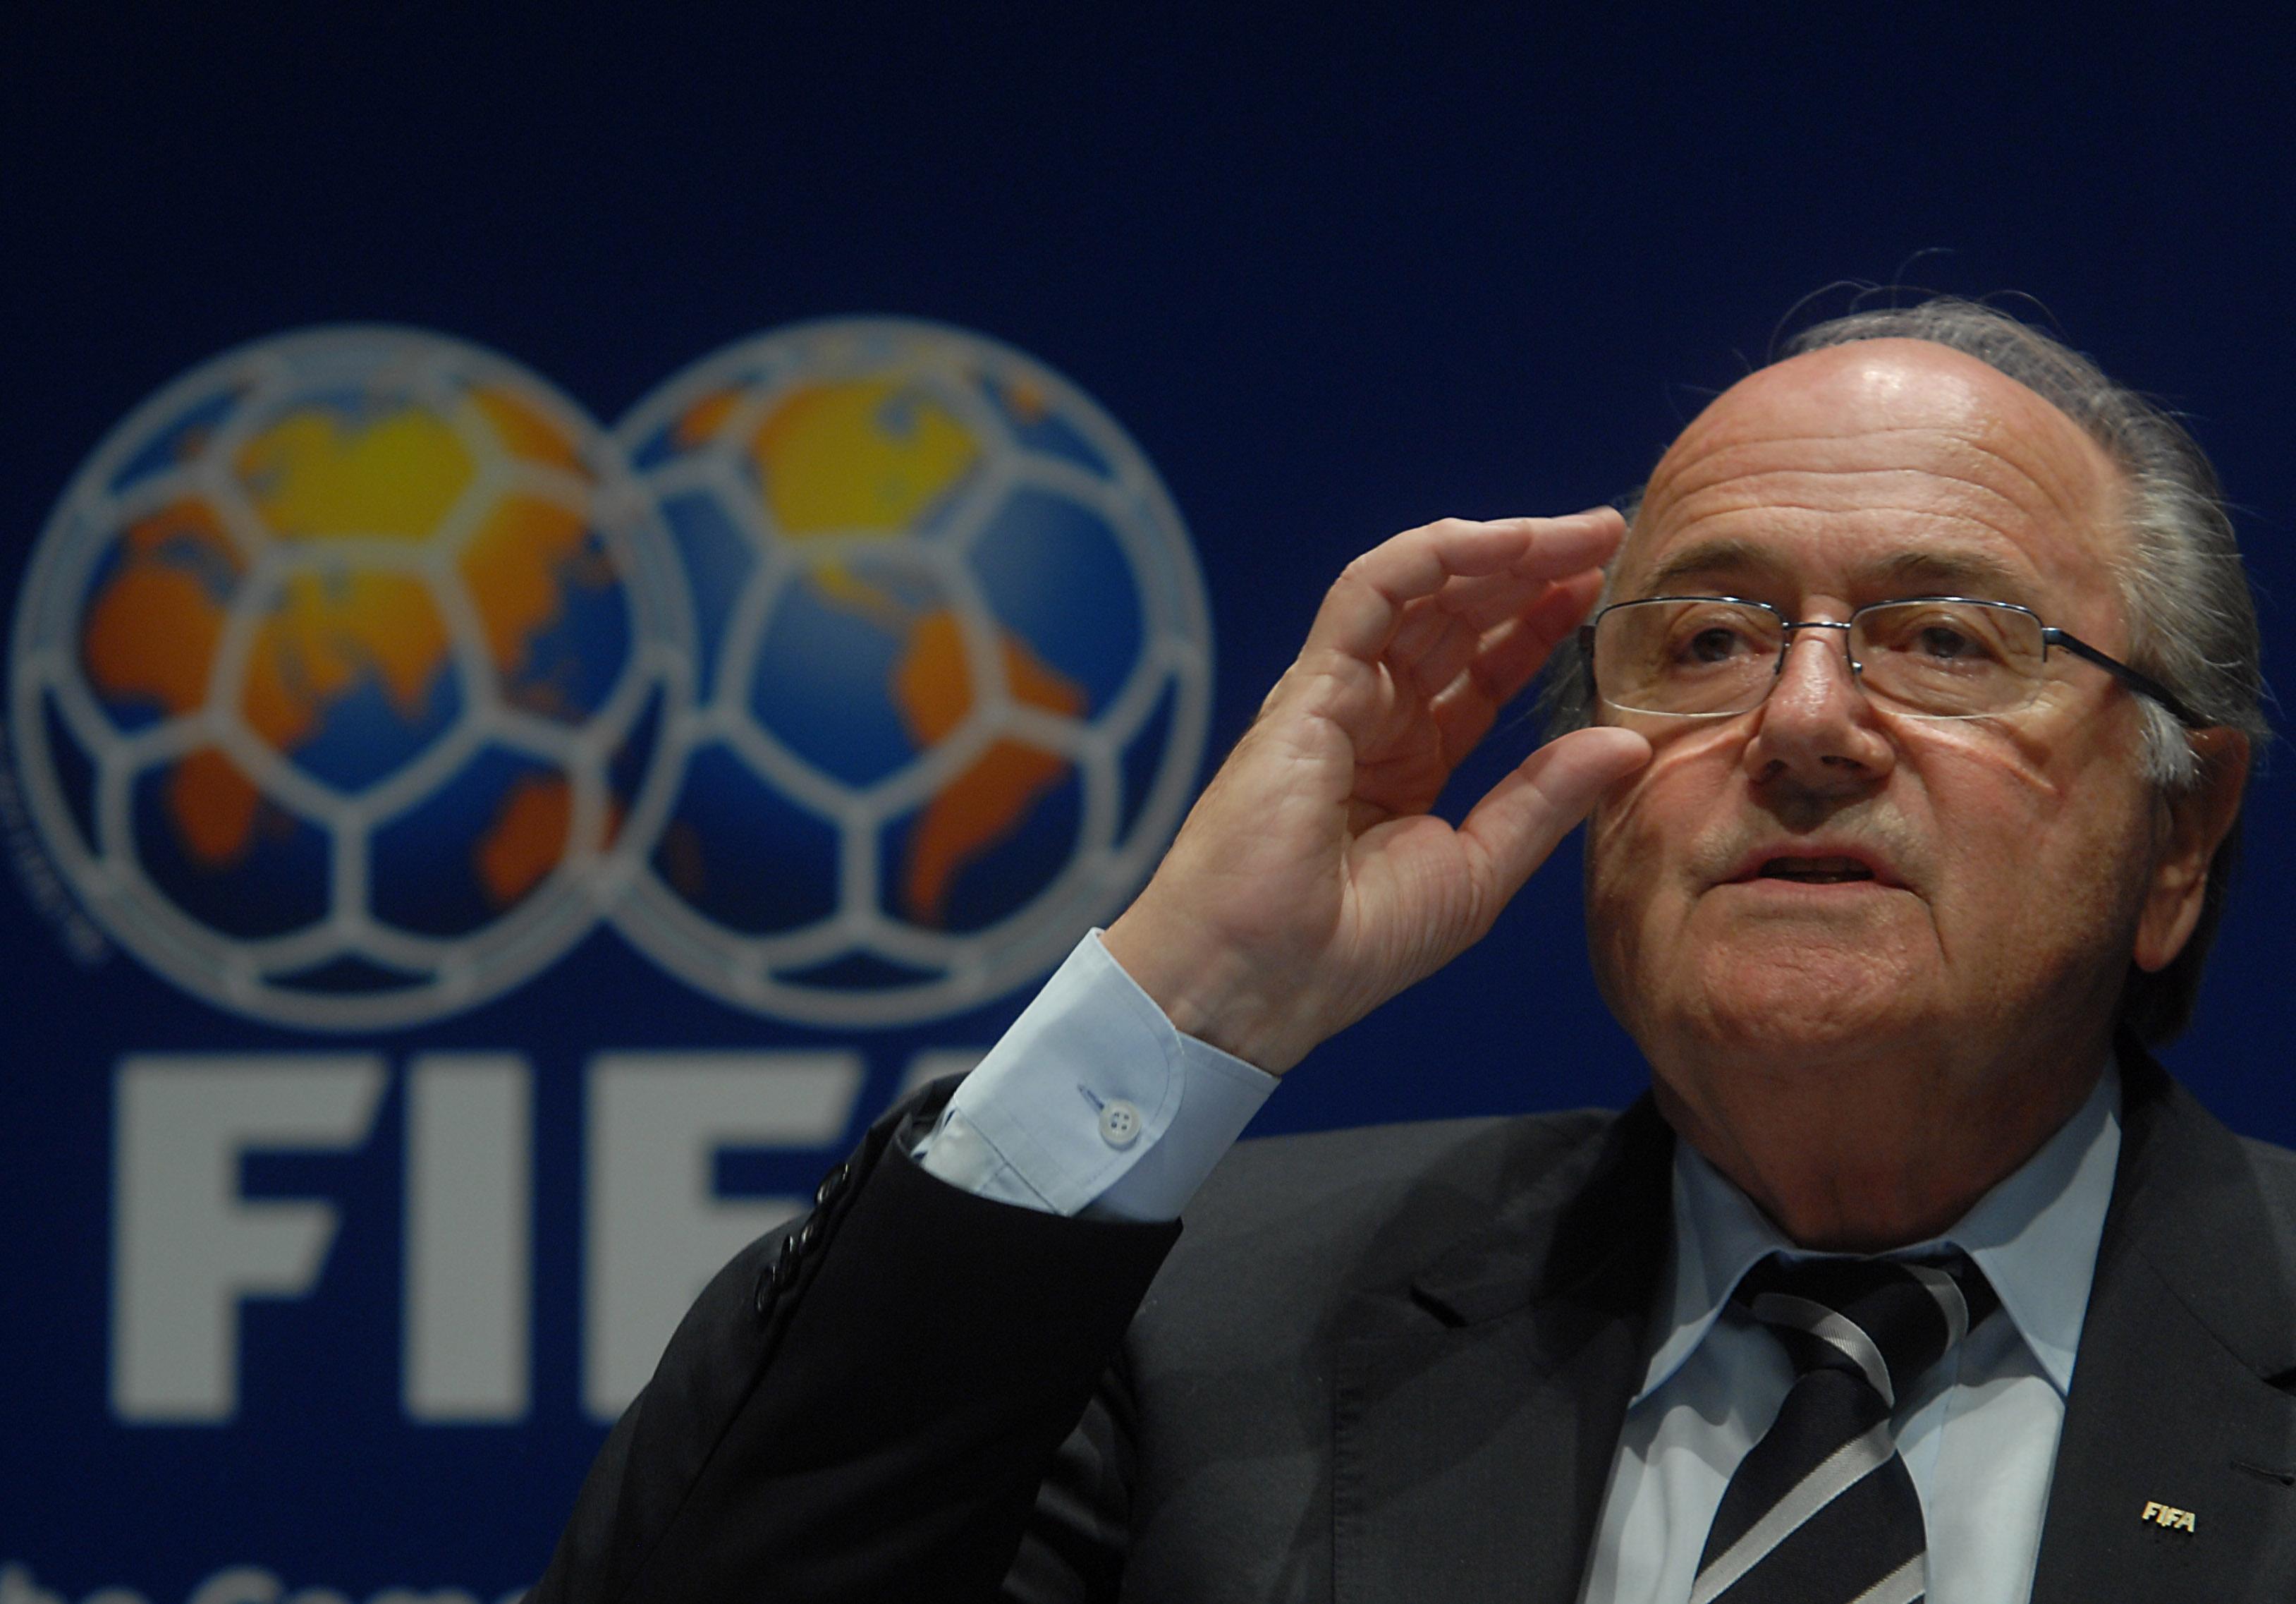 Joseph Blatter moviola elezioni